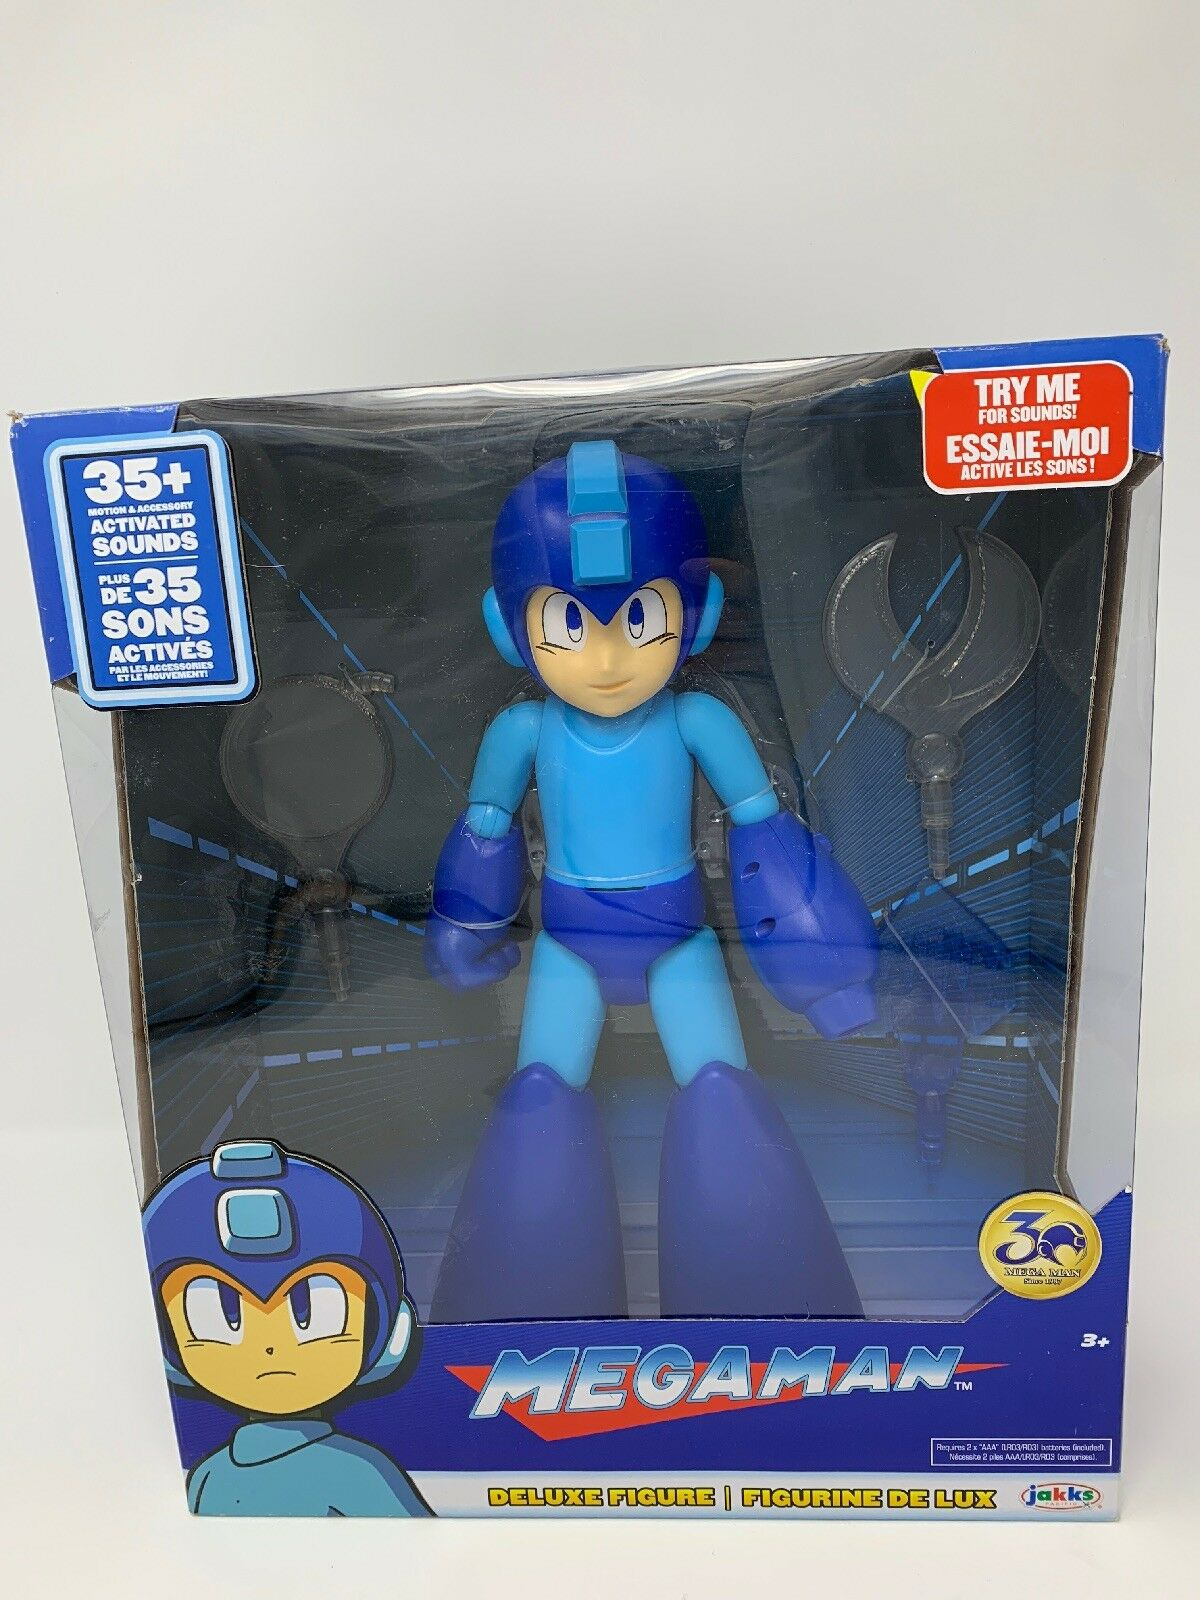 Megaman Statue Deluxe Figure 30th ans 35+ activé sons et plus